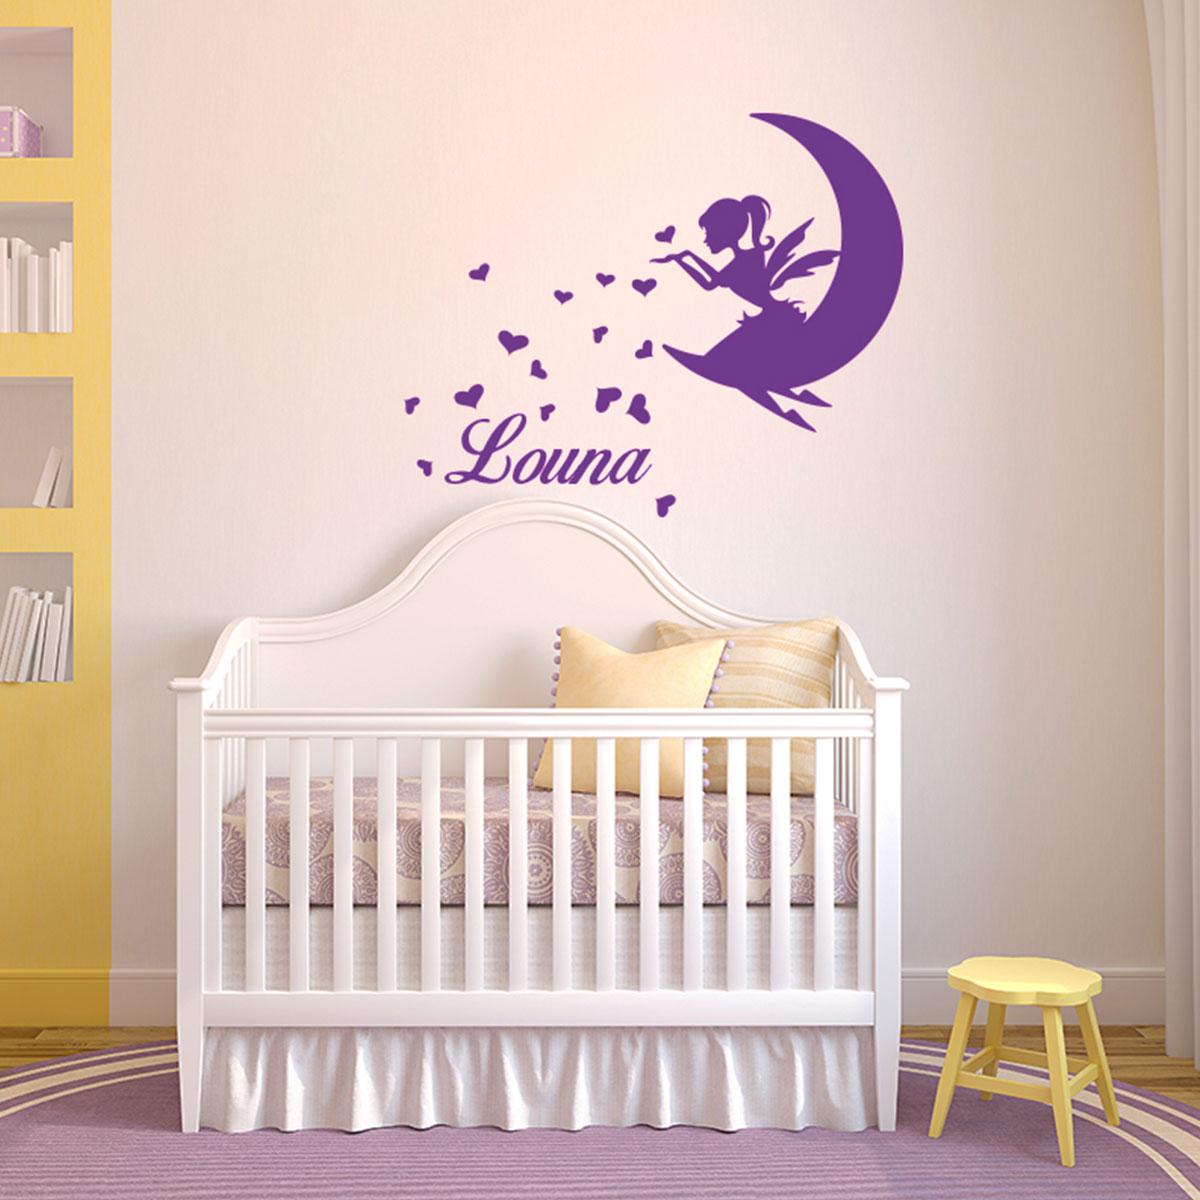 sticker pr nom personnalis f e sur la lune et coeurs stickers filles f es ambiance sticker. Black Bedroom Furniture Sets. Home Design Ideas